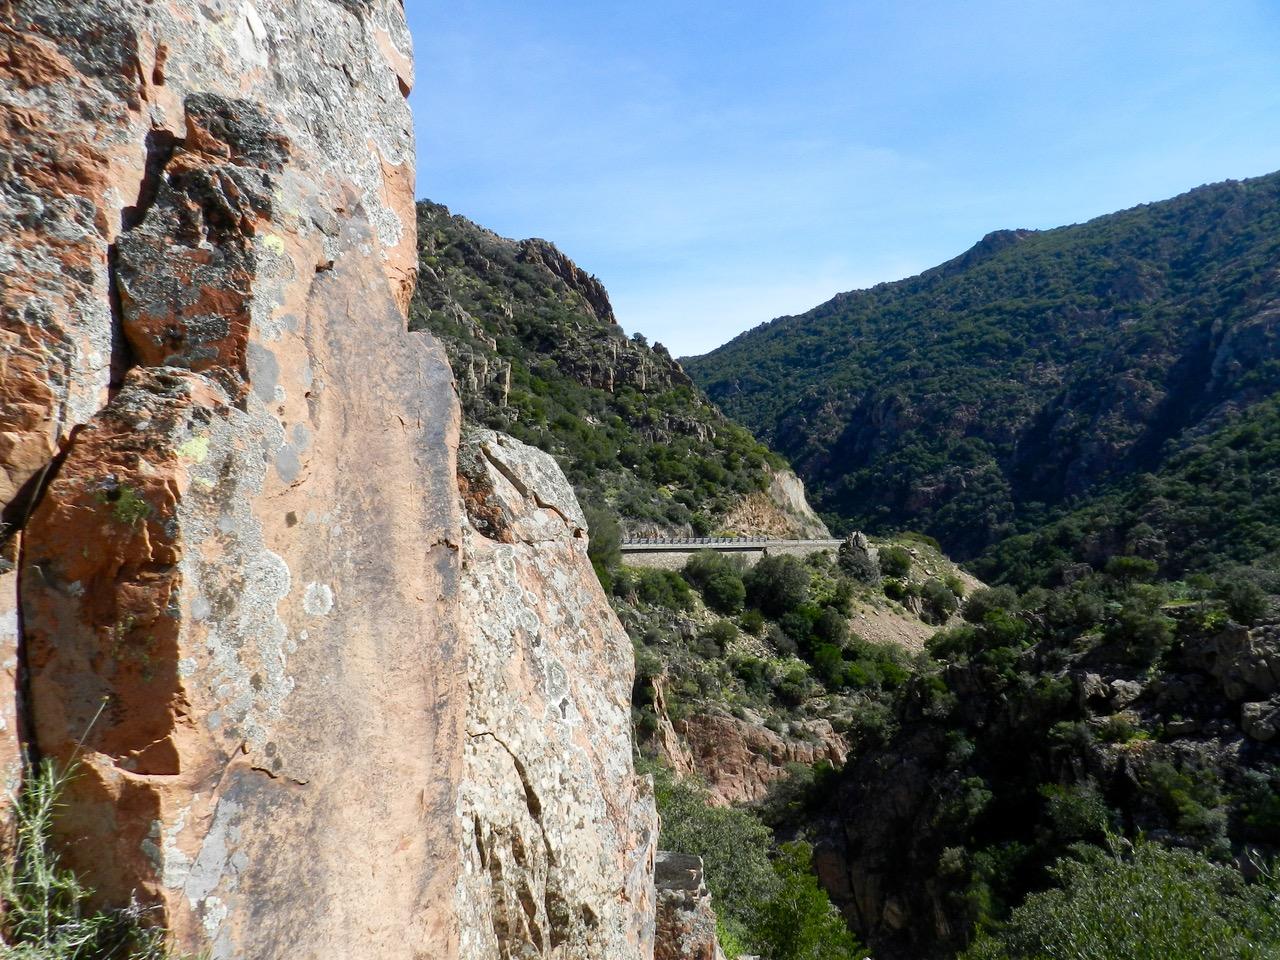 Die Straße schlängelt sich durch die Felsen